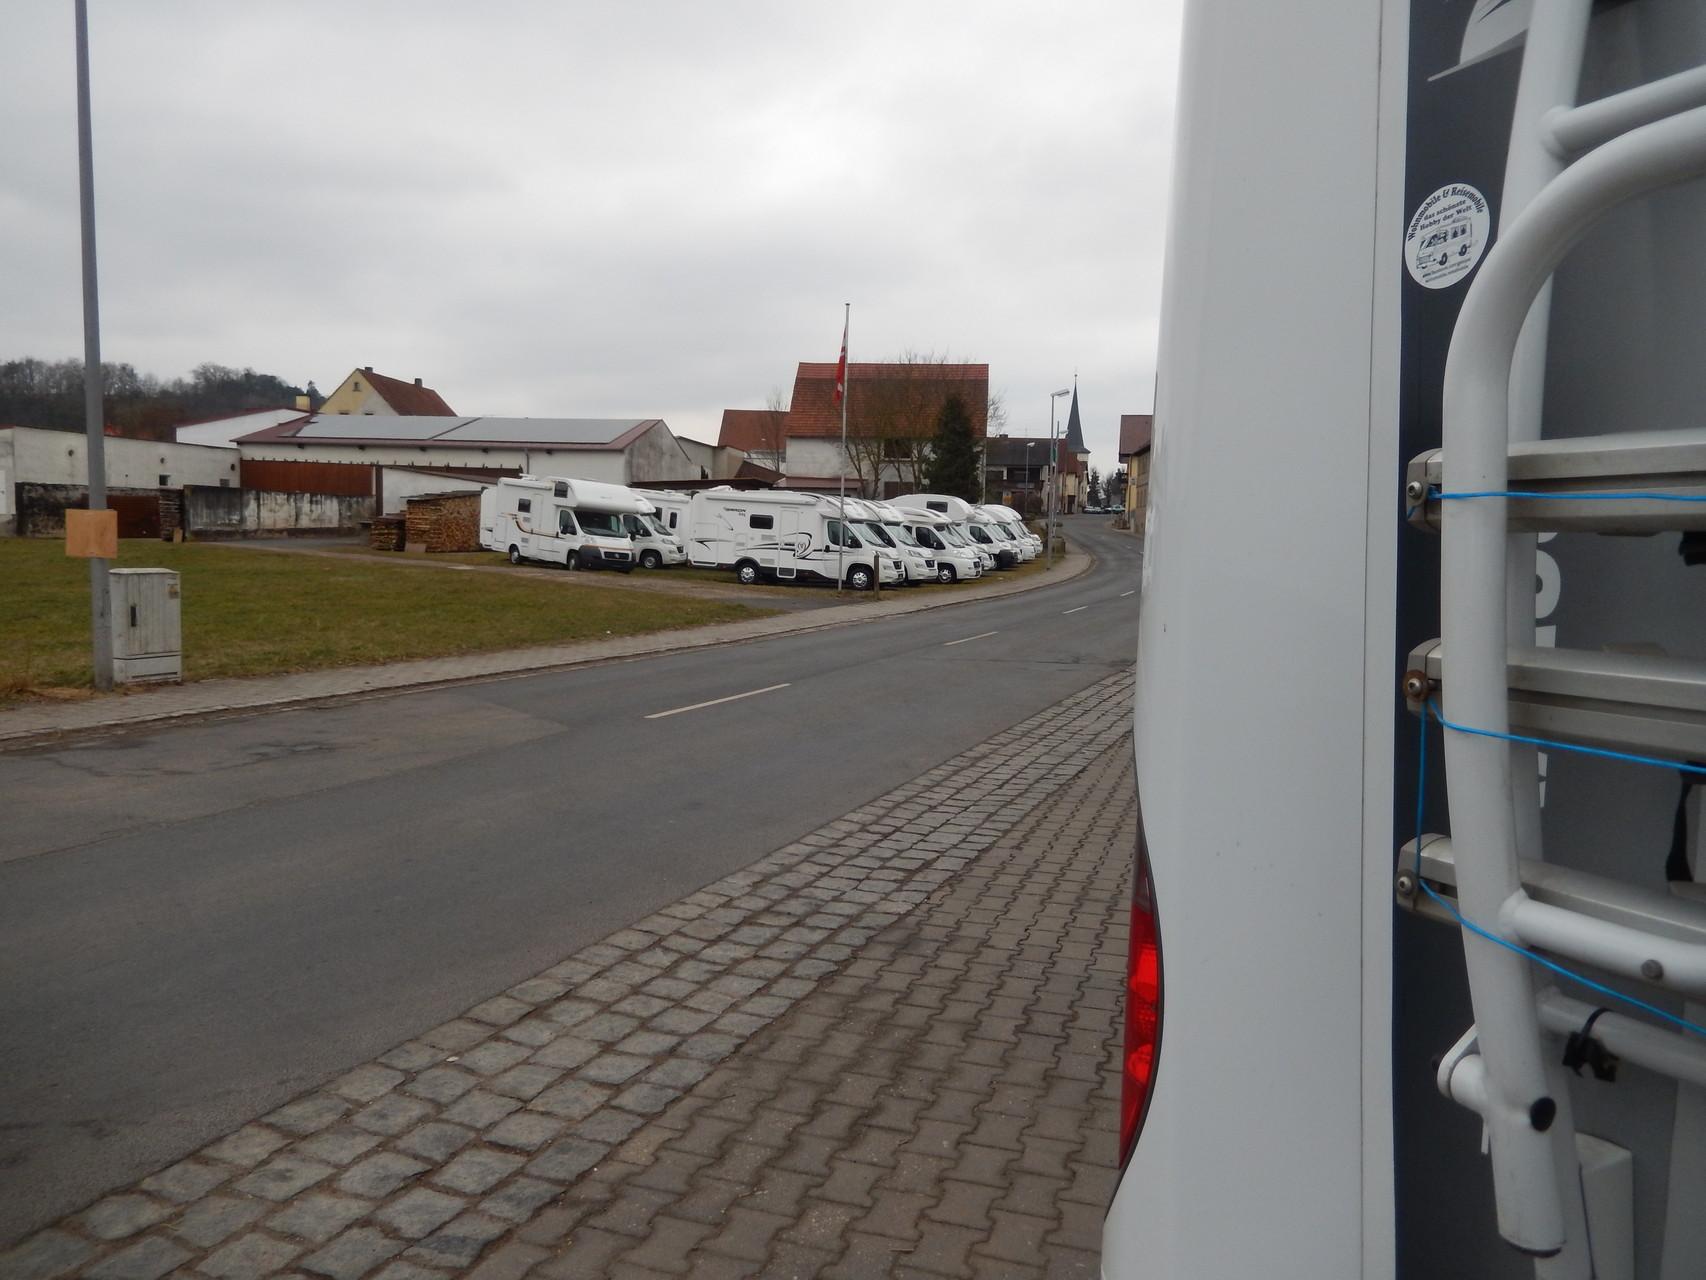 Hier bei Steigerwaldmobile Hirt kann man WoMo's kaufen und mieten.